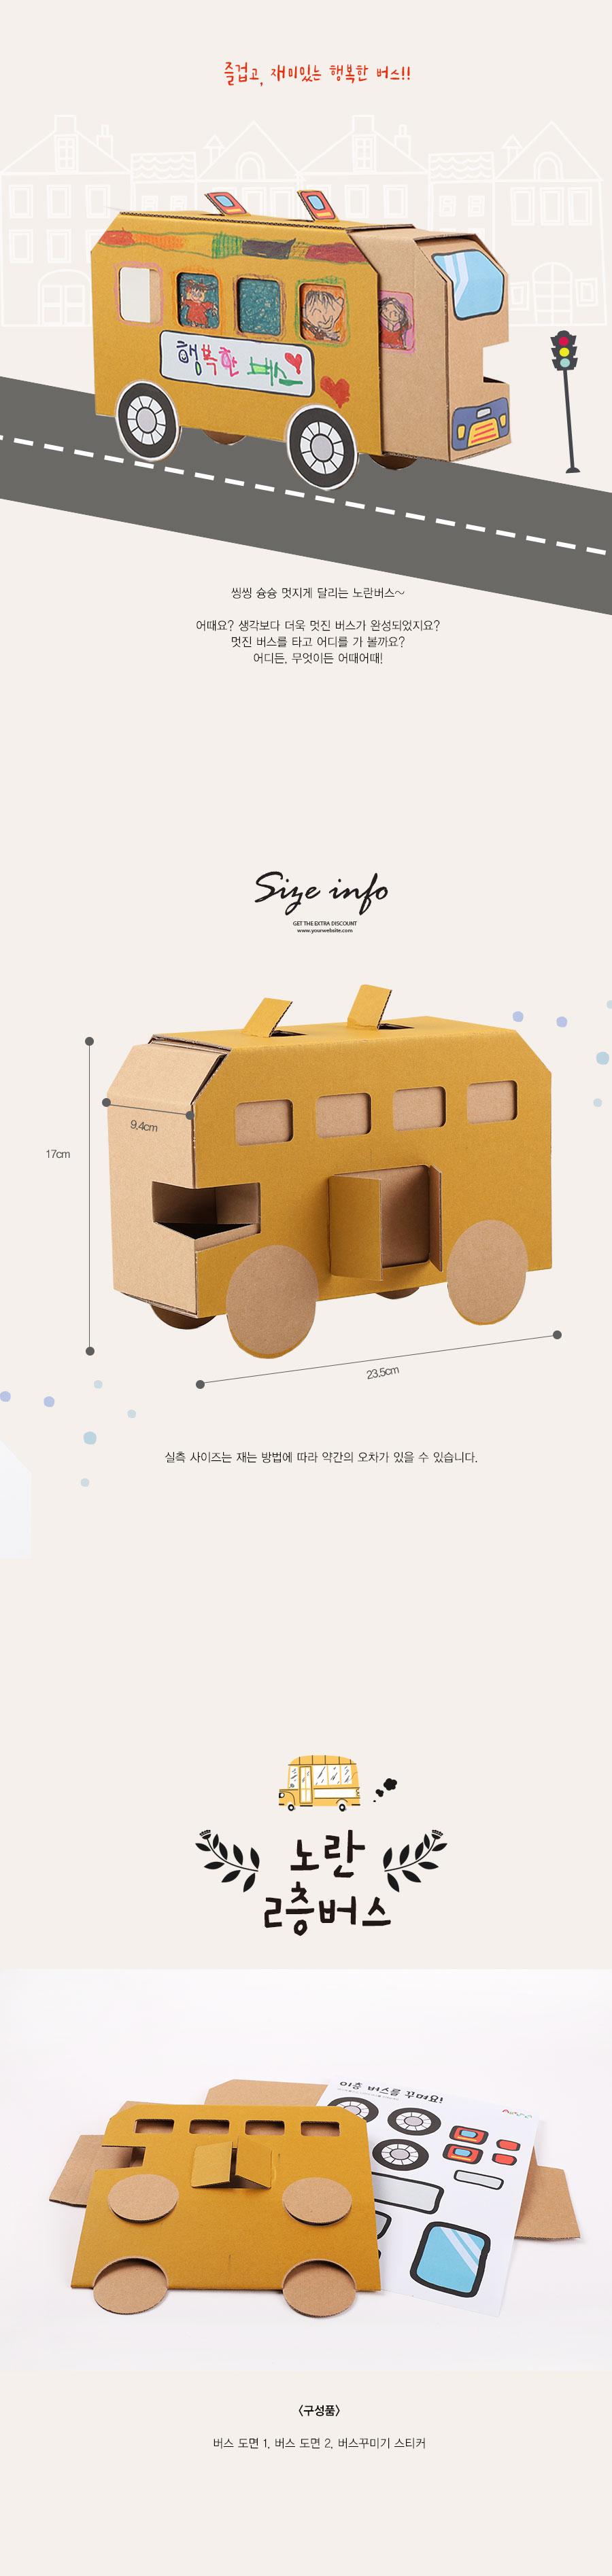 yellowbus_03_180136.jpg